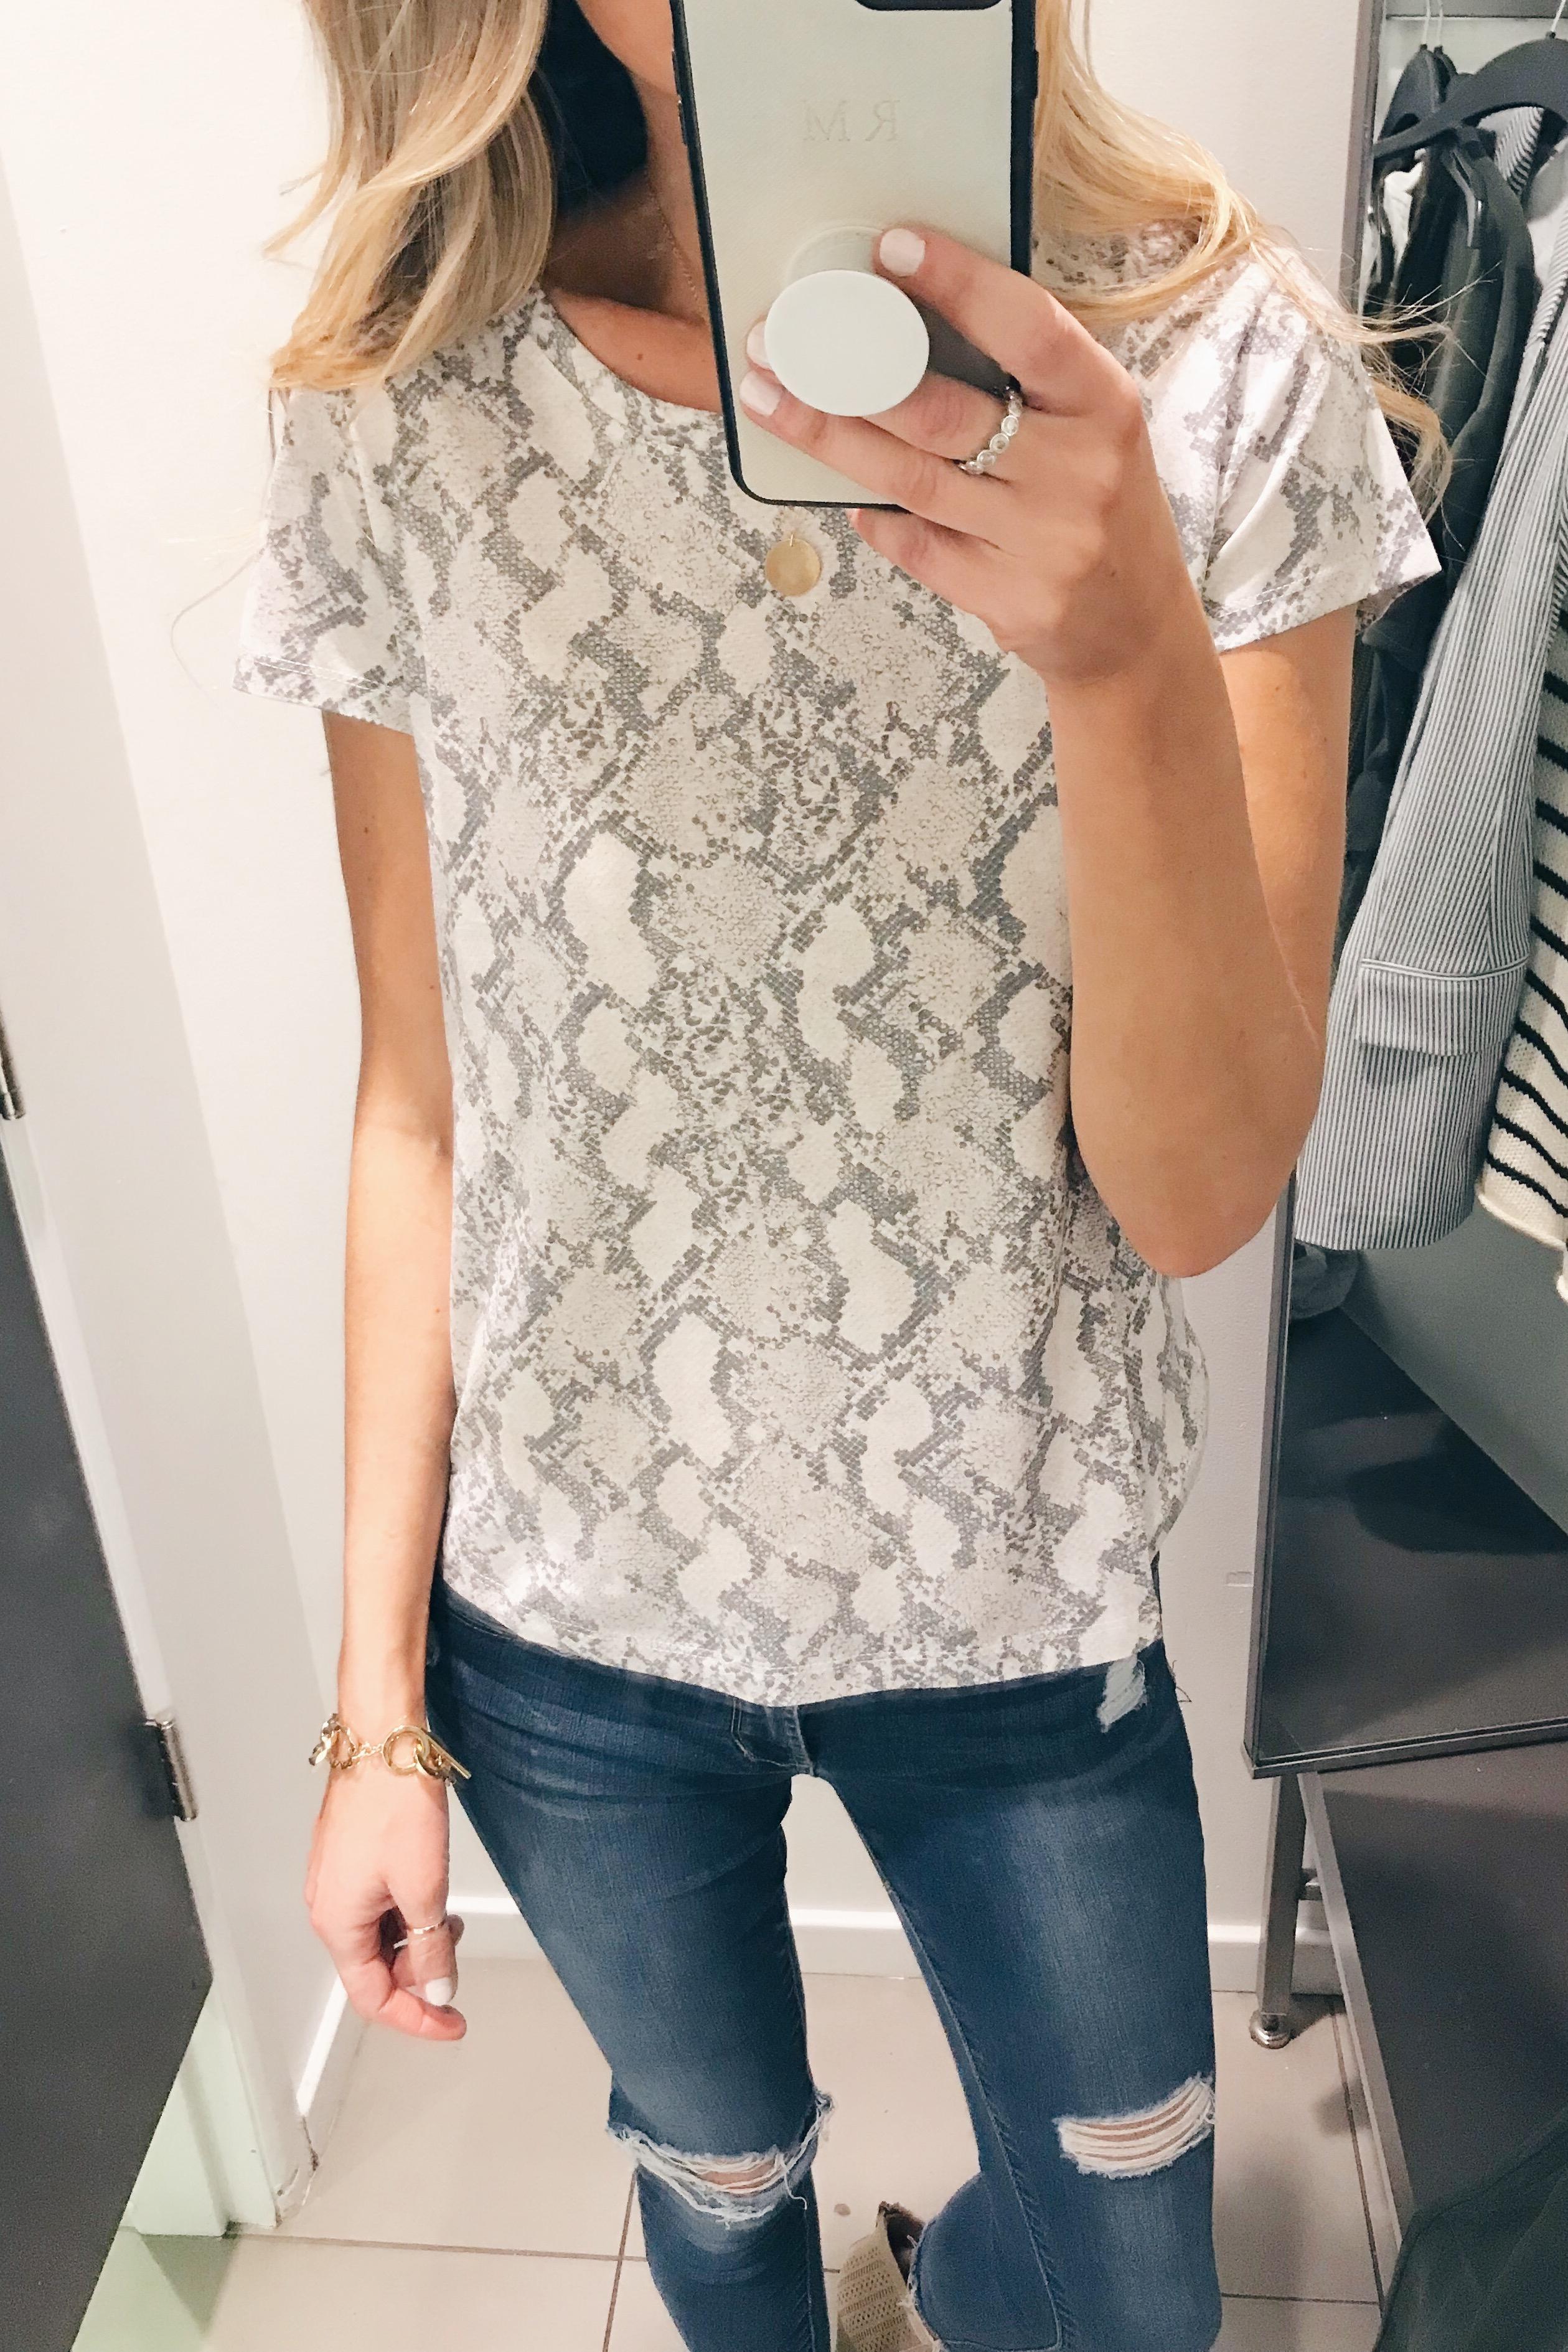 hm try-on snakeskin print tee shirt - Pinteresting Plans blog